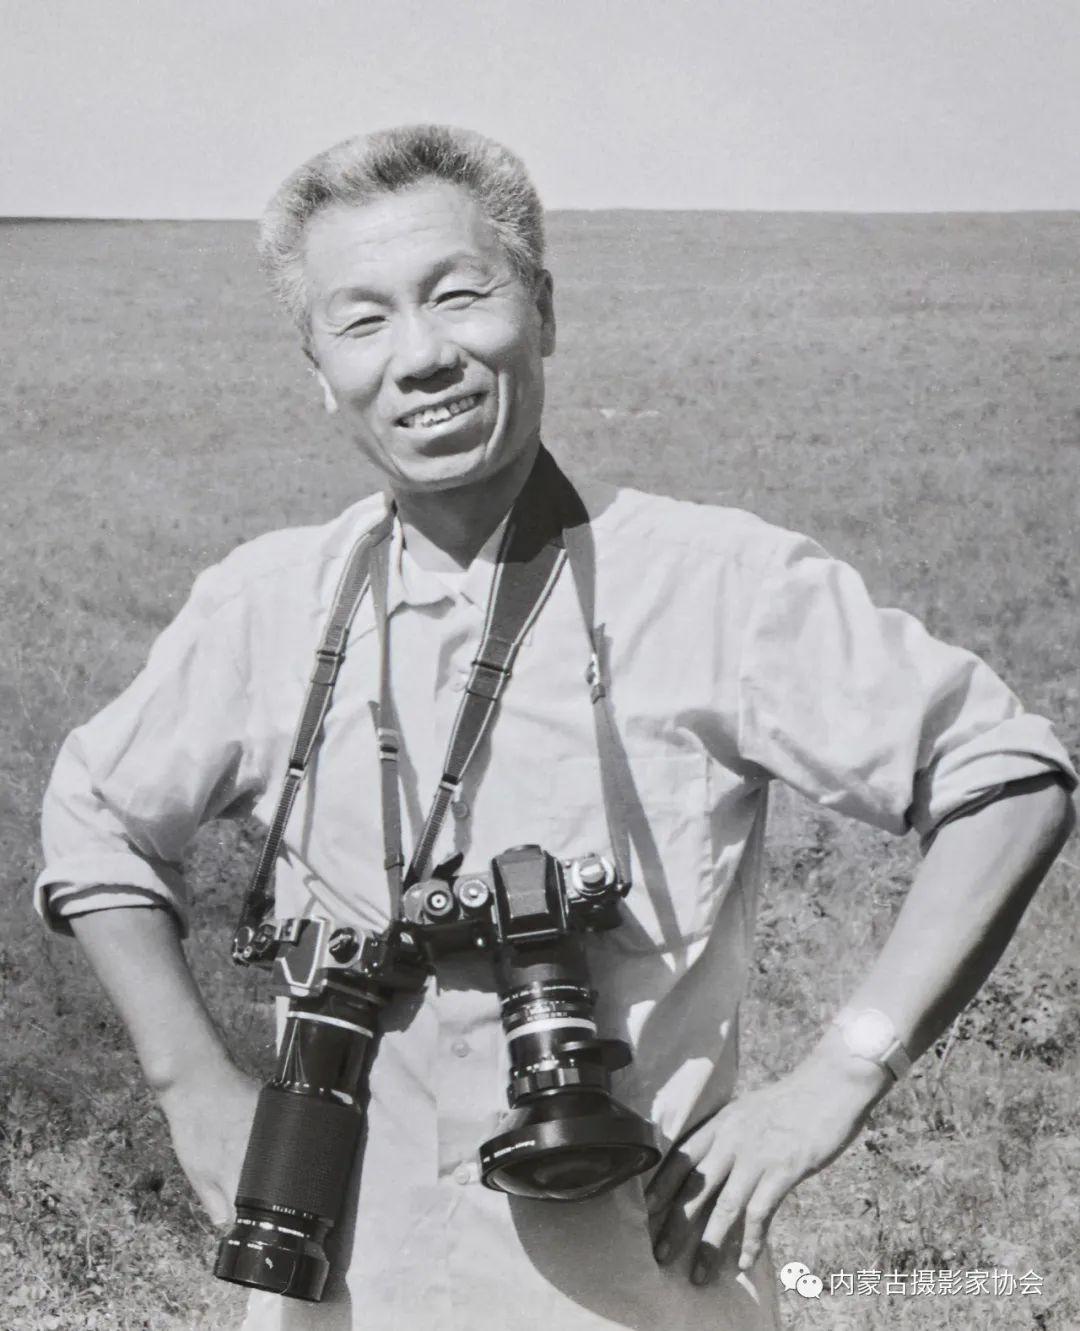 作品赏析丨内蒙古老摄影家岳枫镜头下的精彩瞬间 第1张 作品赏析丨内蒙古老摄影家岳枫镜头下的精彩瞬间 蒙古文化